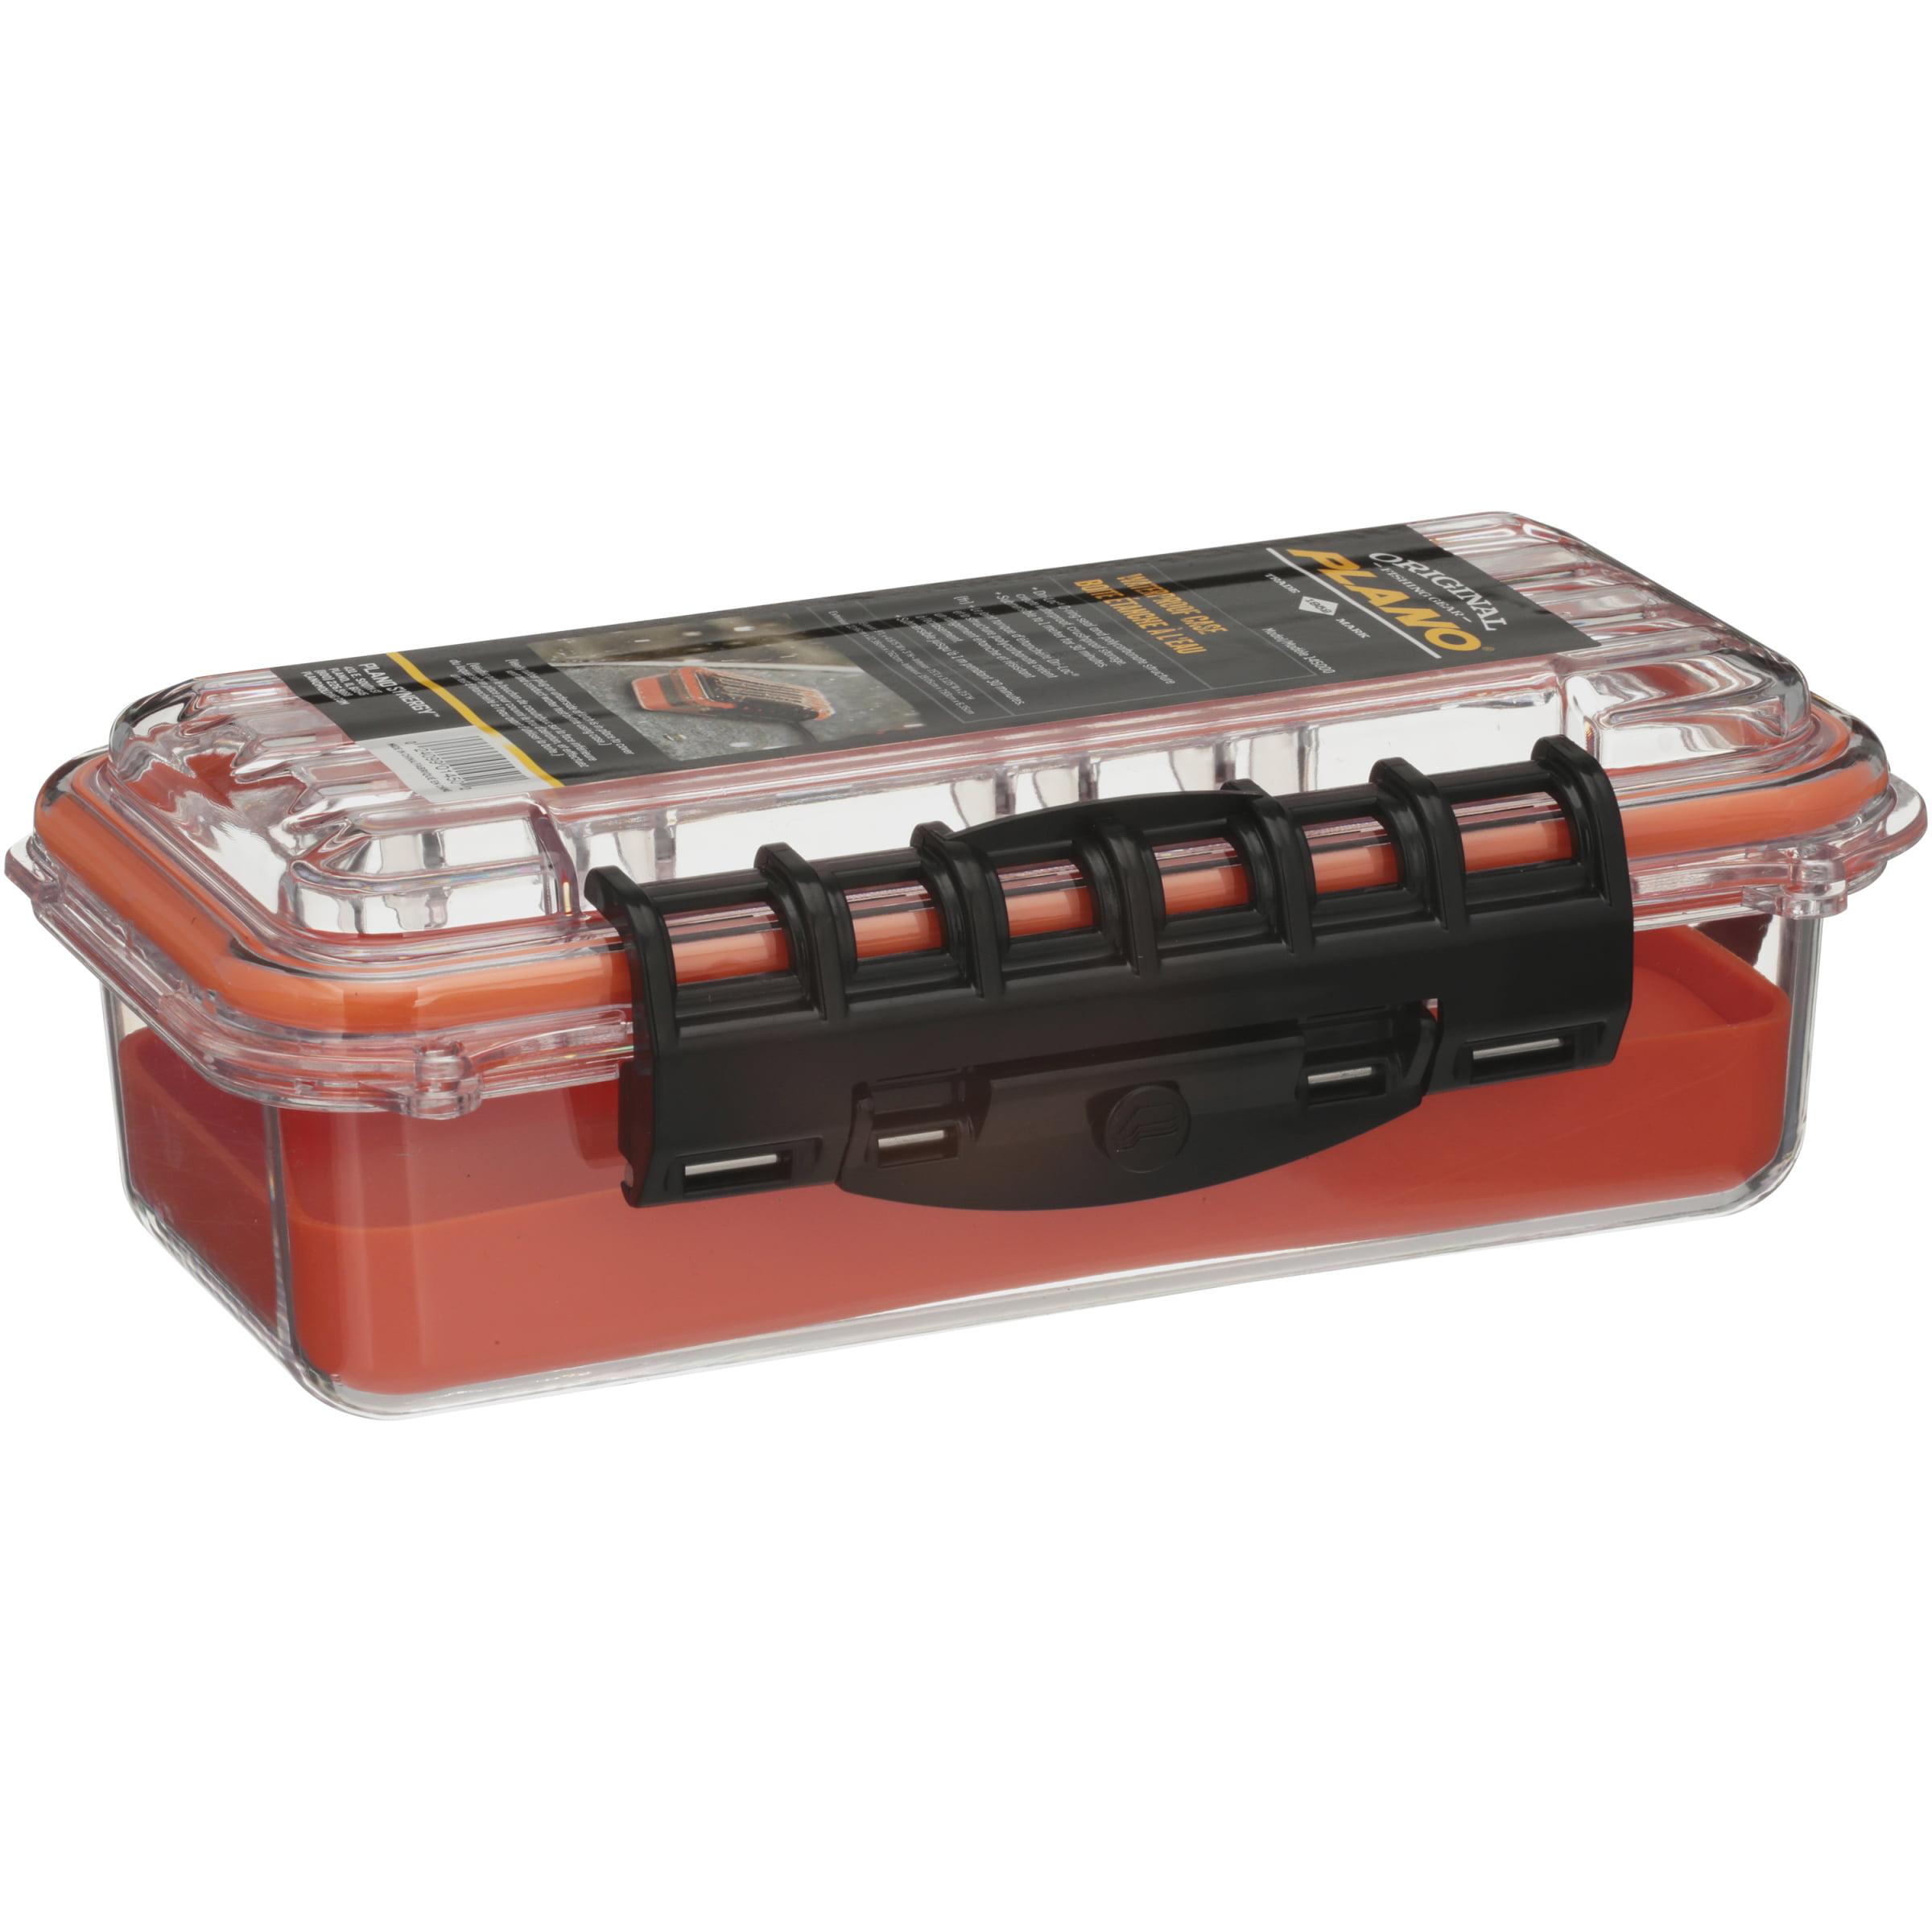 Plano #145000 Storage Box, Guide 3500, Orange/Clear